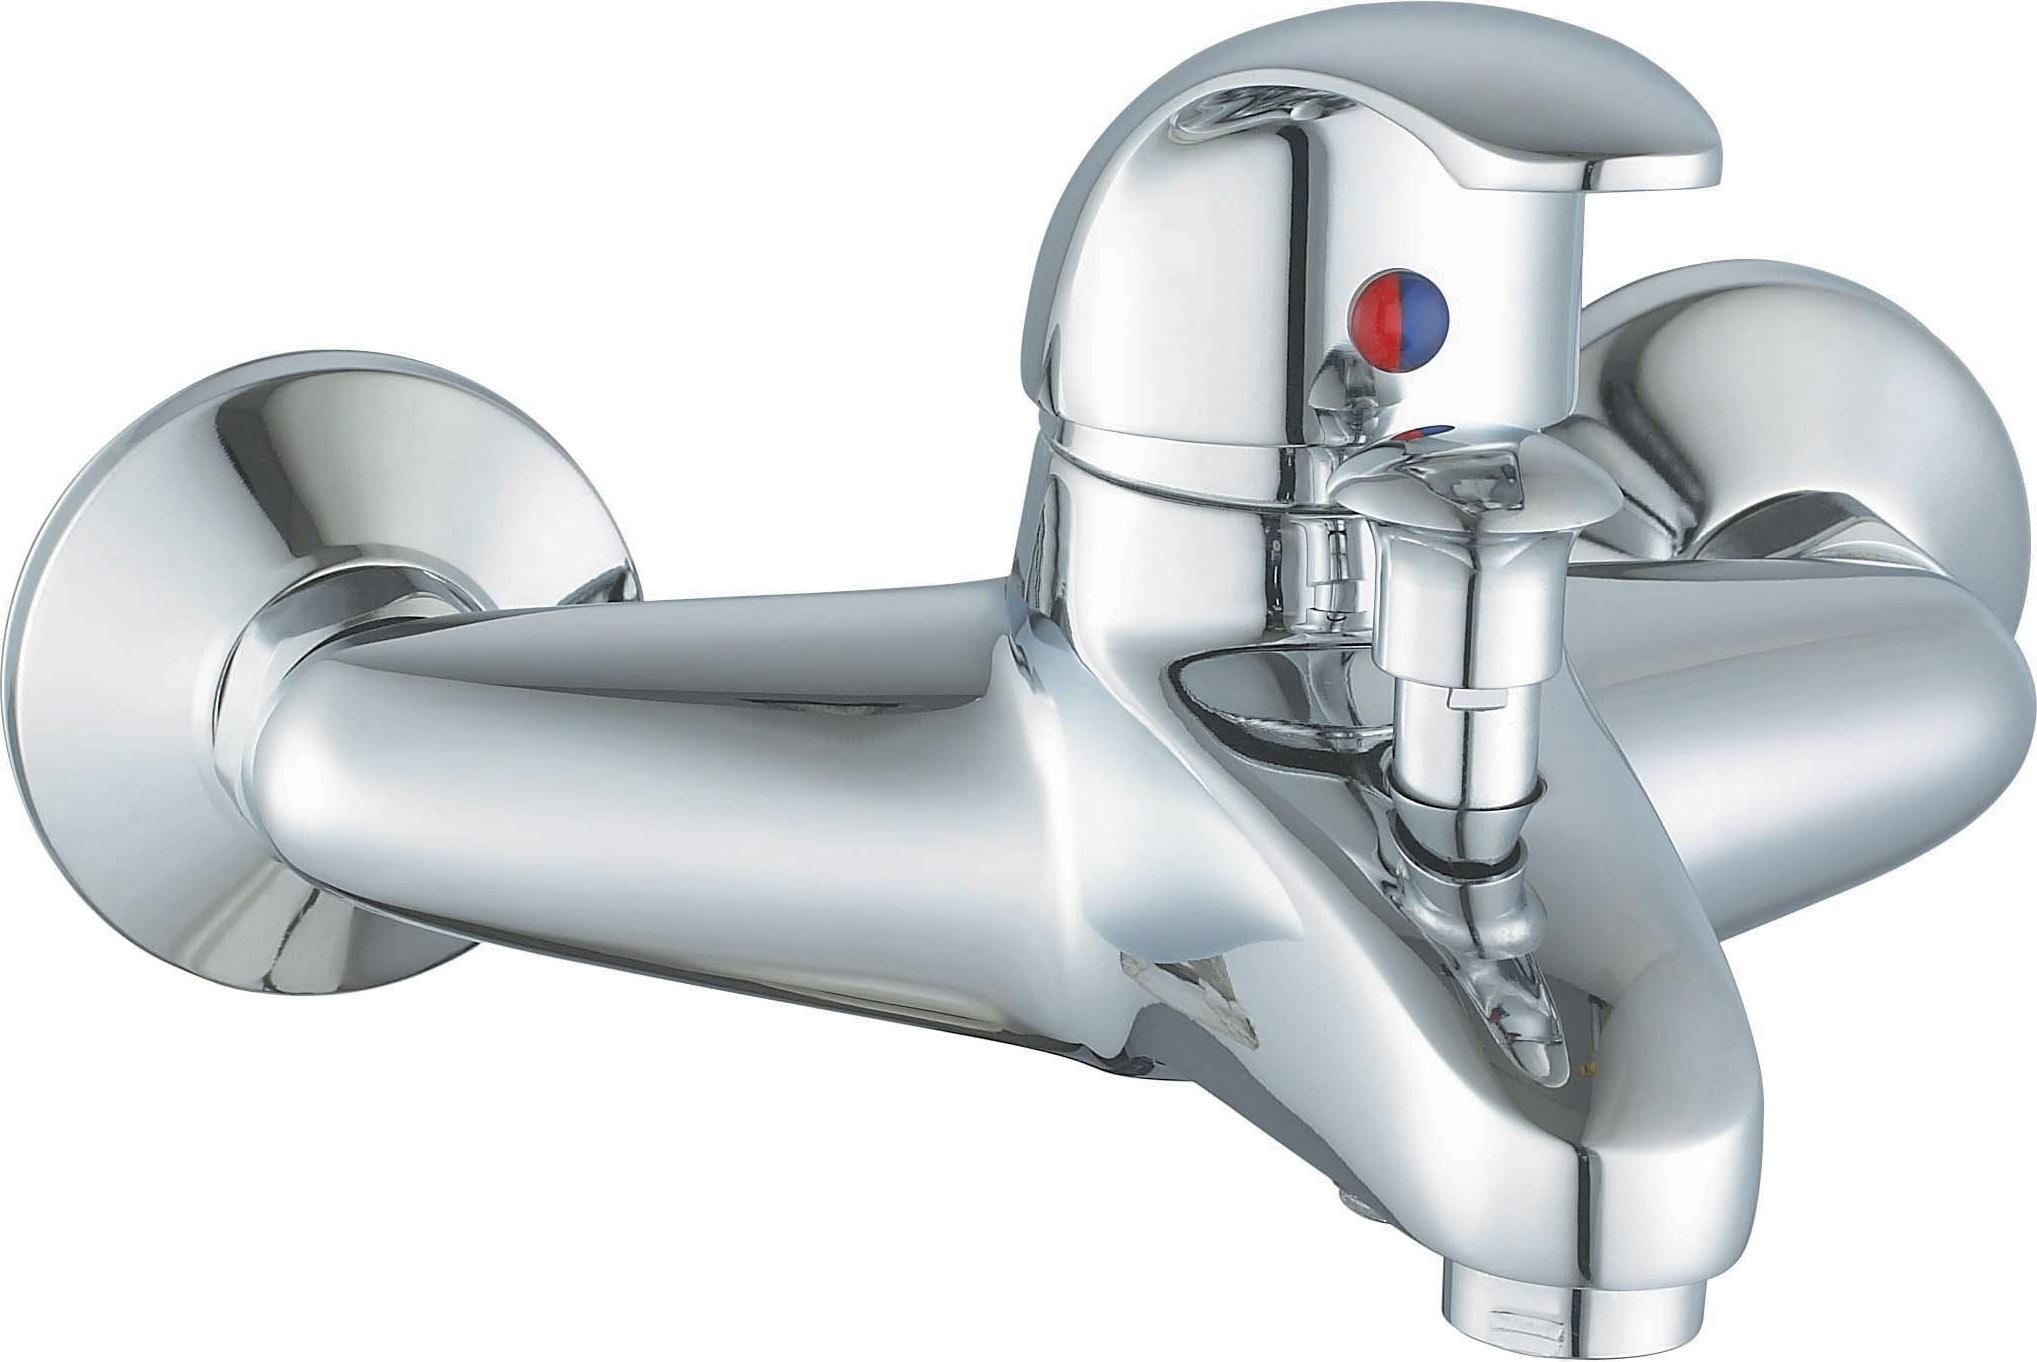 Rubinetto Vasca Da Bagno : R.a. miscelatore vasca da bagno rubinetto monocomando cartuccia ø 40